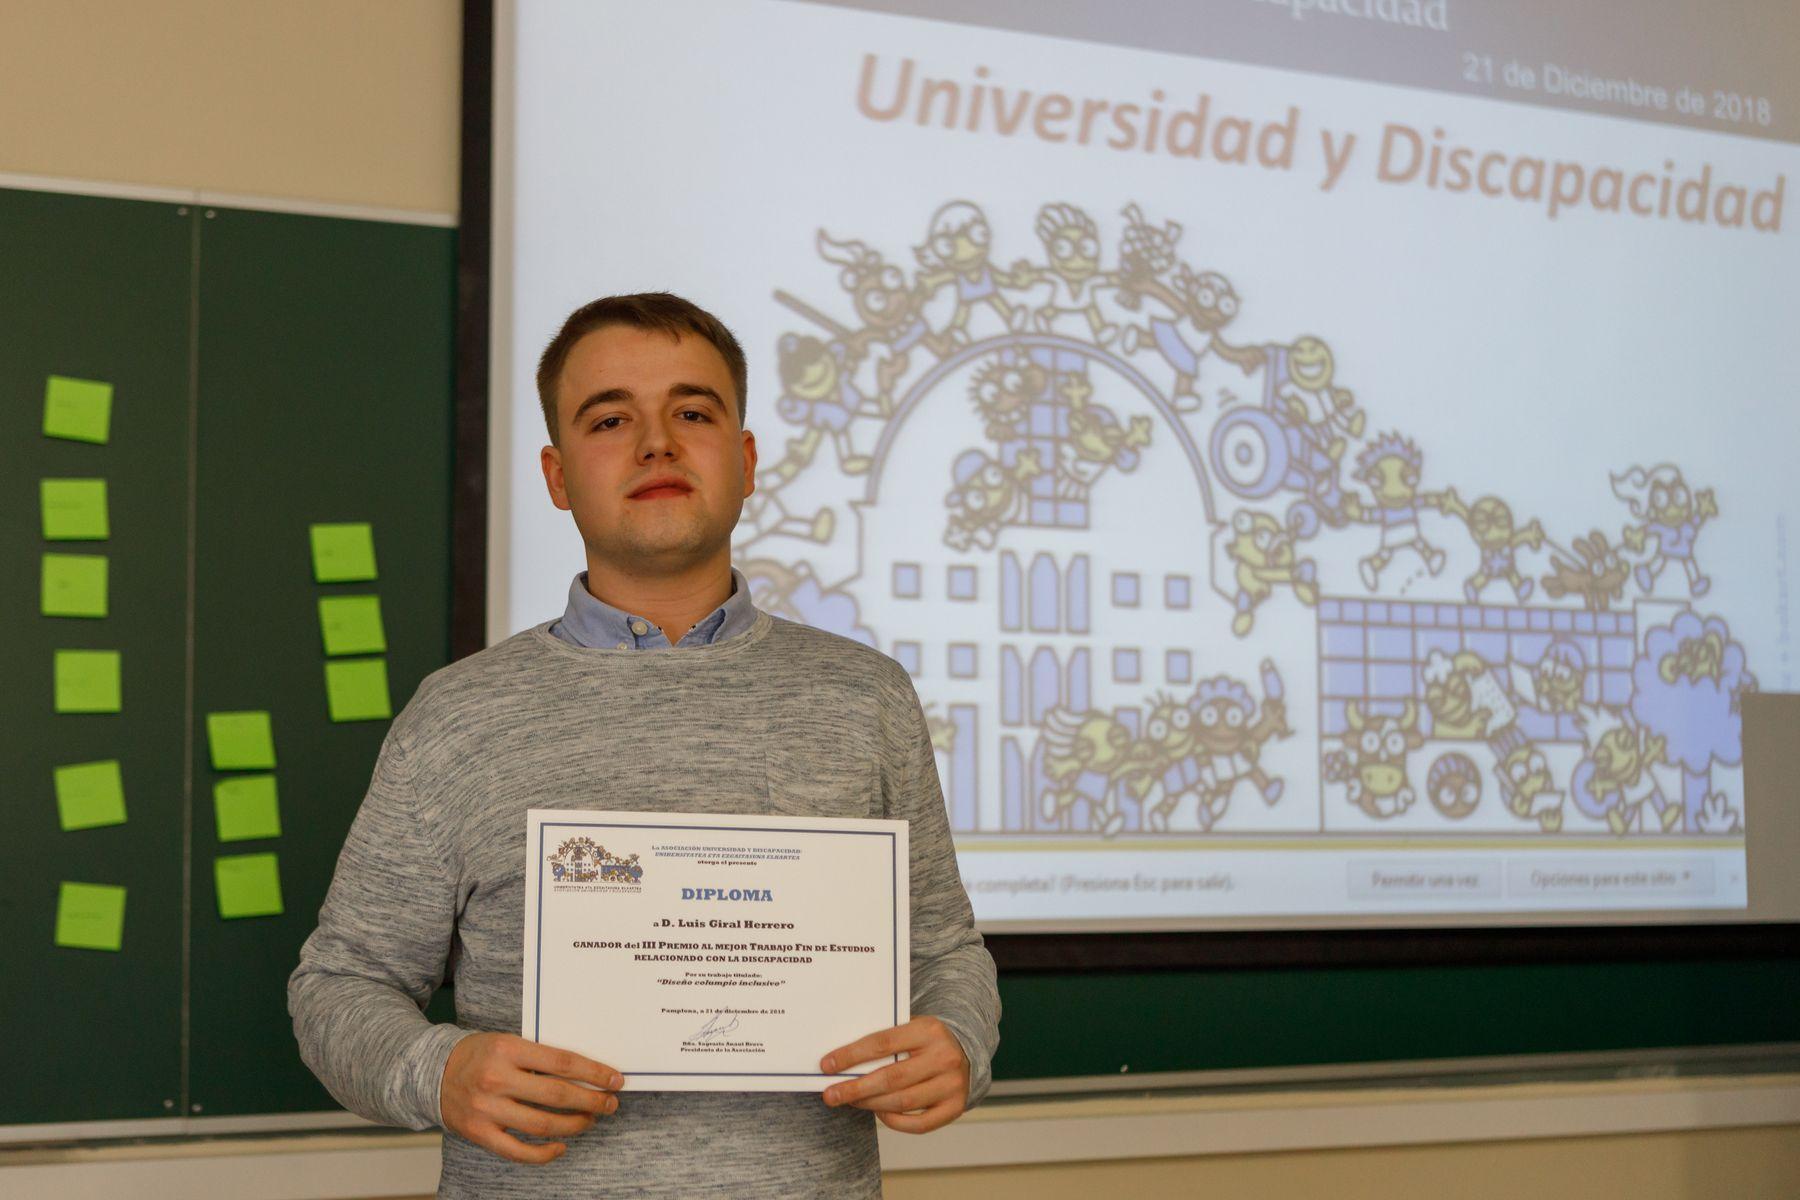 Luis Giral Herrero, graduado en Ingeniería Mecánica por la UPNA, ganador de la III edición de este premio, fallado el año pasado, por el diseño de un columpio inclusivo